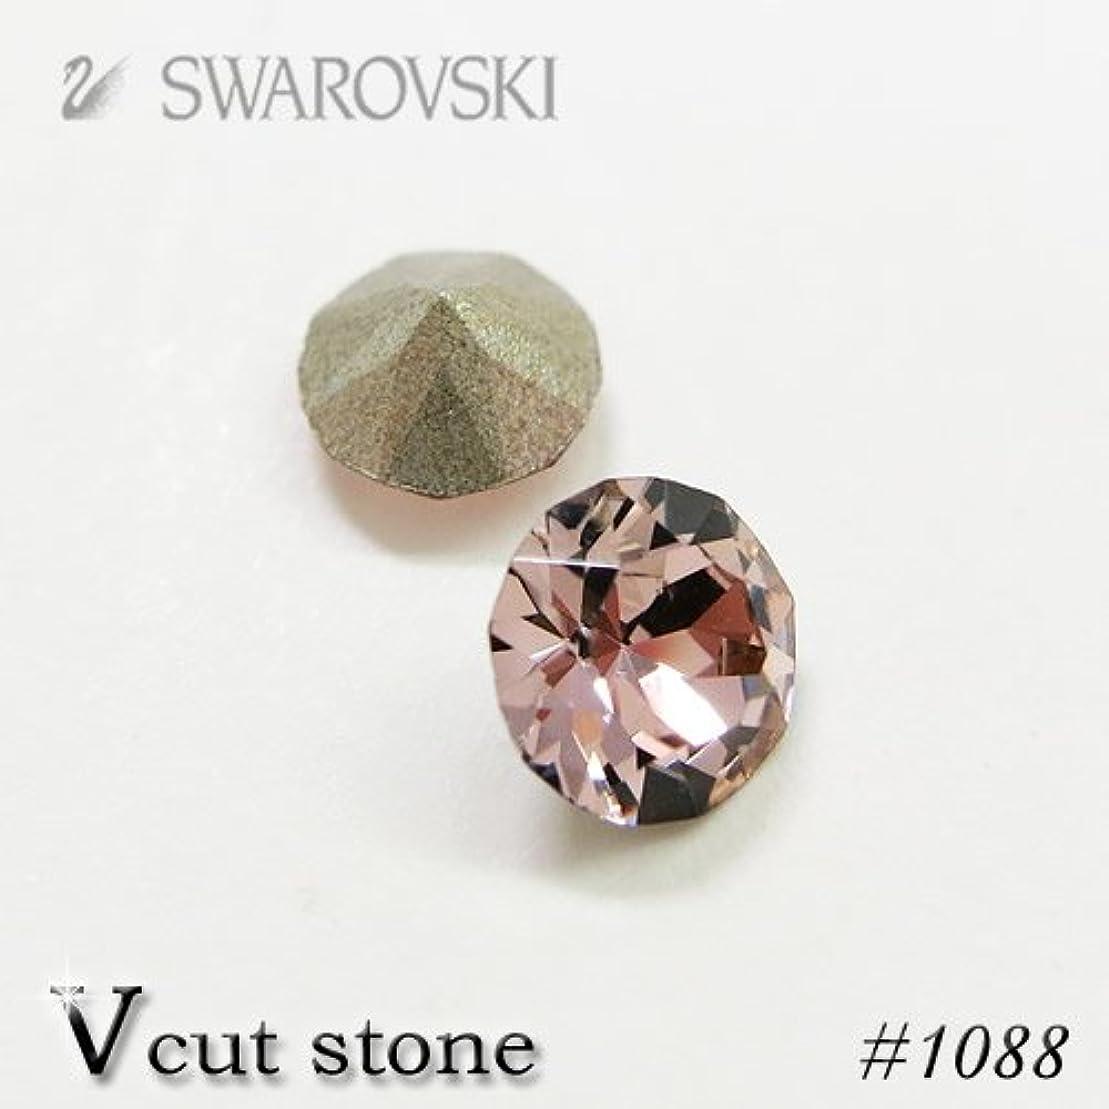 形成暫定強いスワロフスキー Vカット 埋込型 #1028/#1088 ●ss24(約5.2mm) 5粒入 (ヴィンテージローズ)